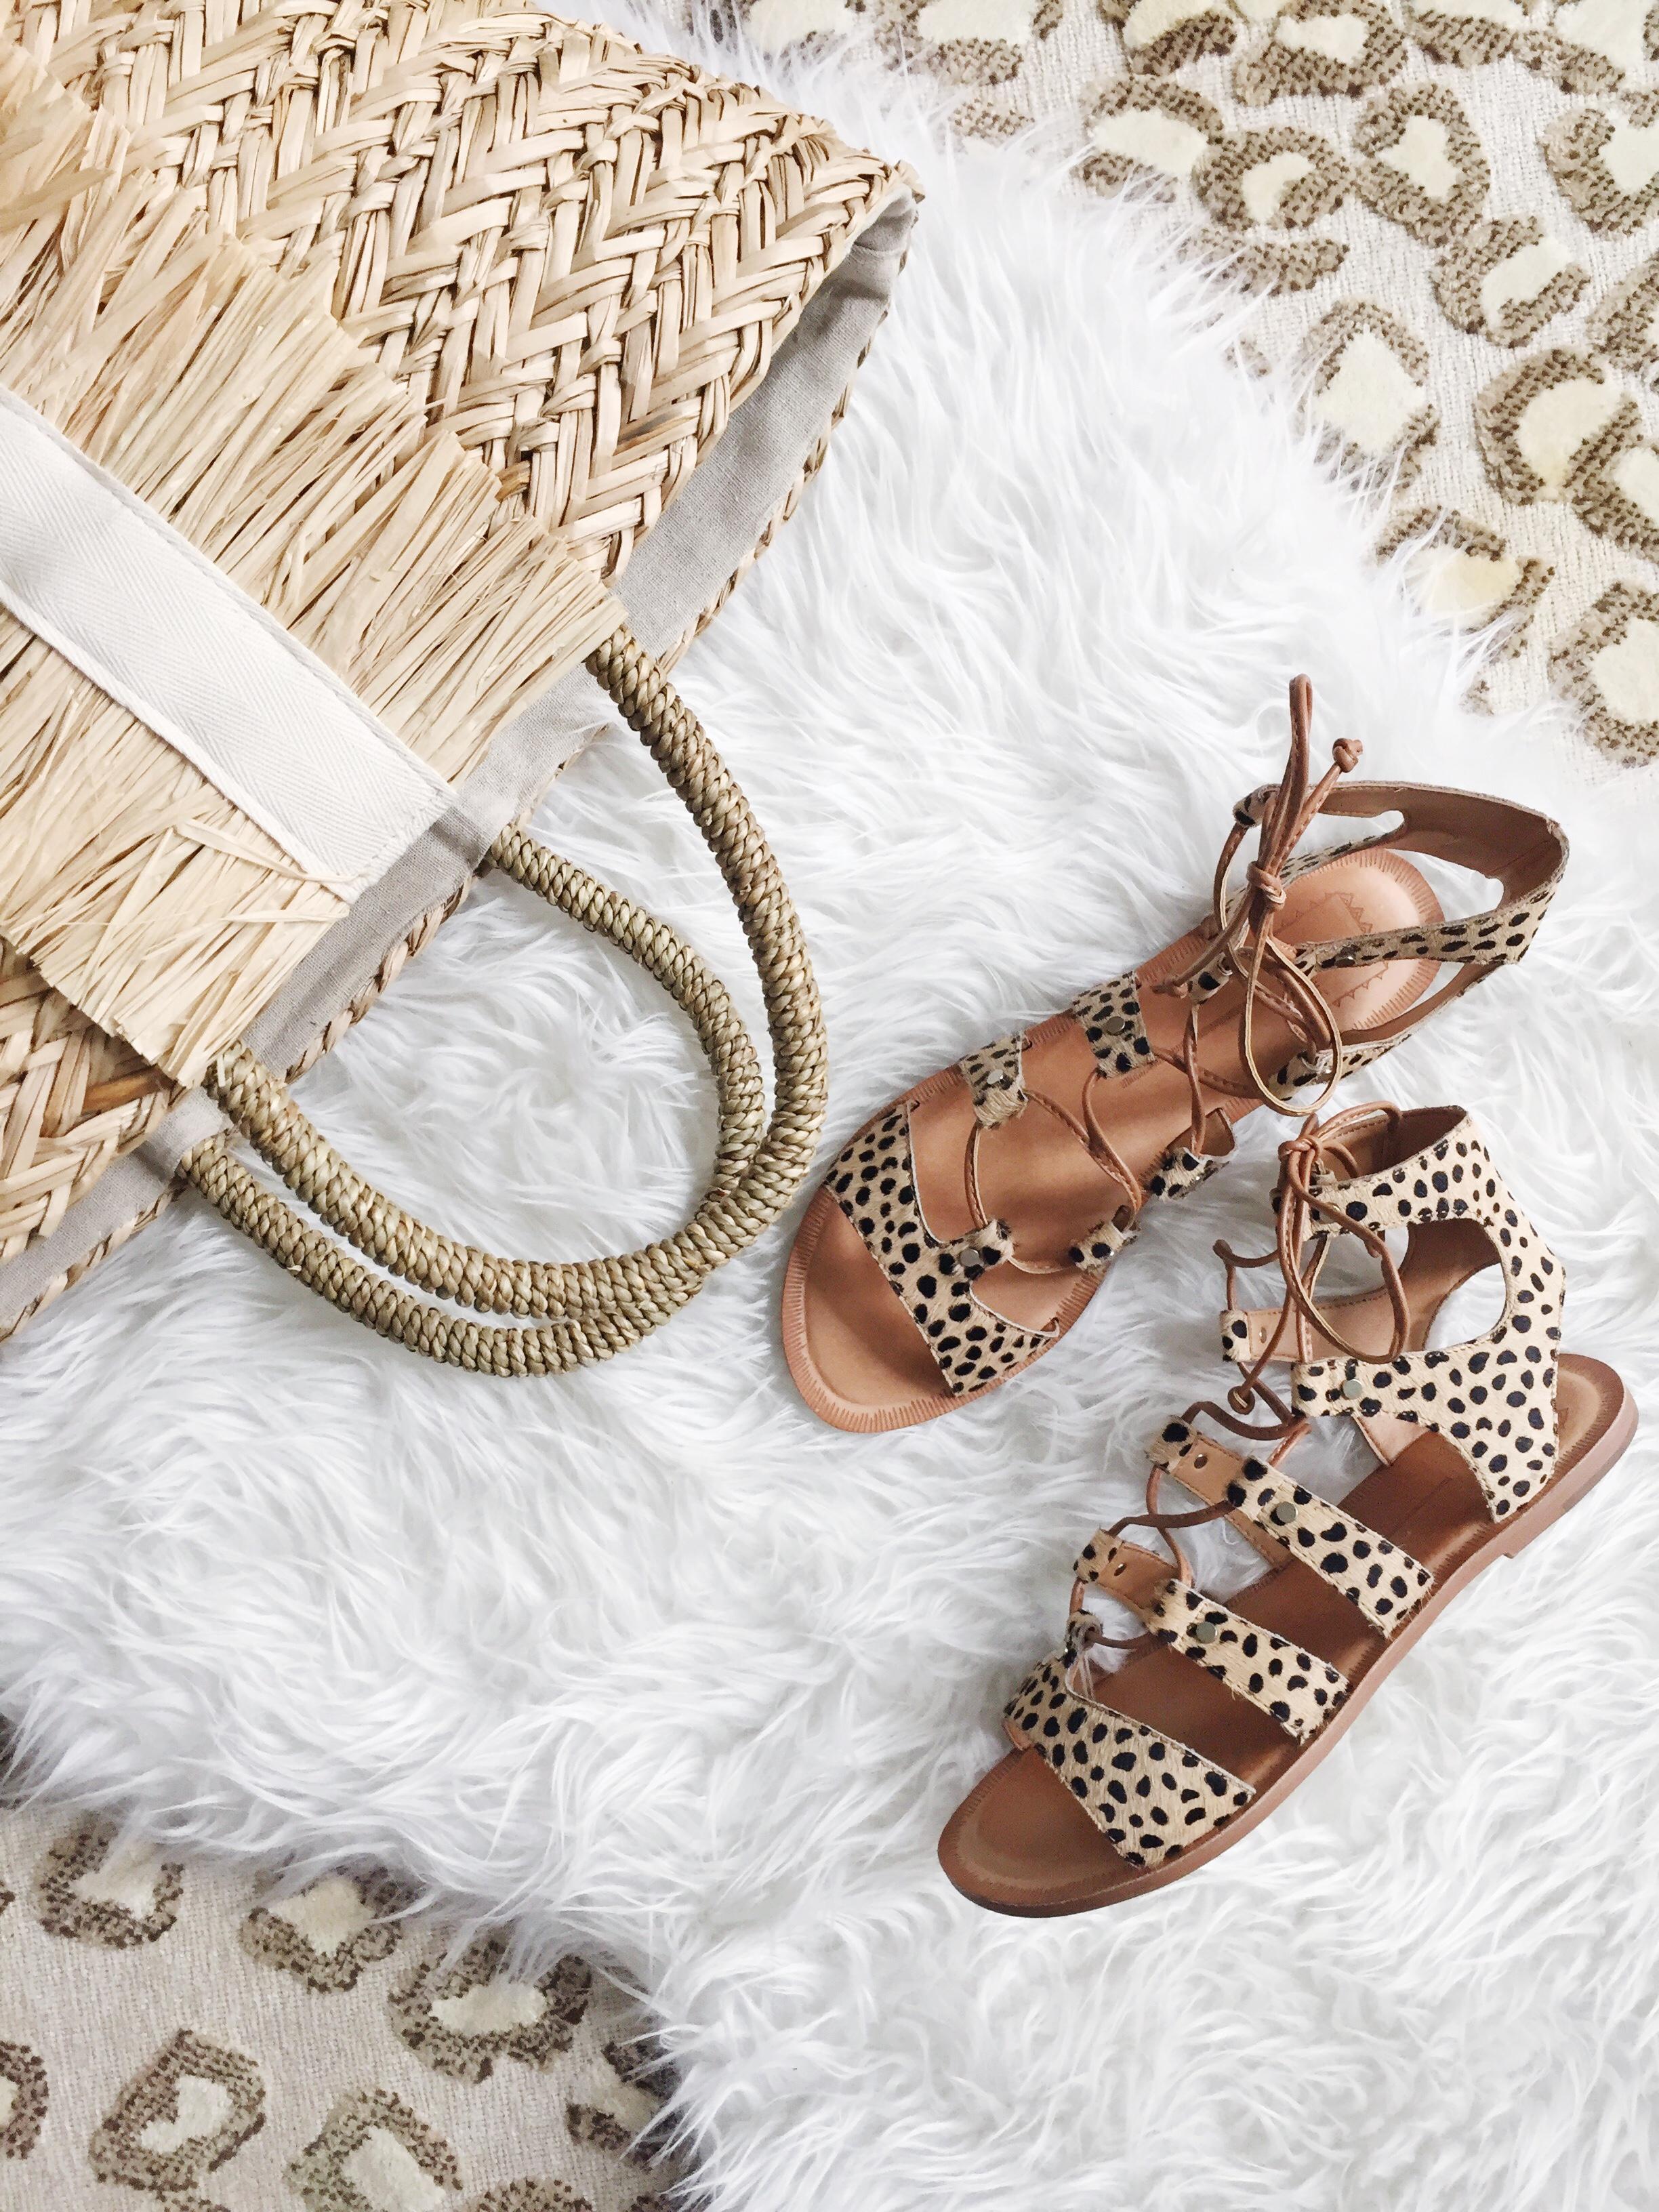 Lace-Up Leopard Sandals